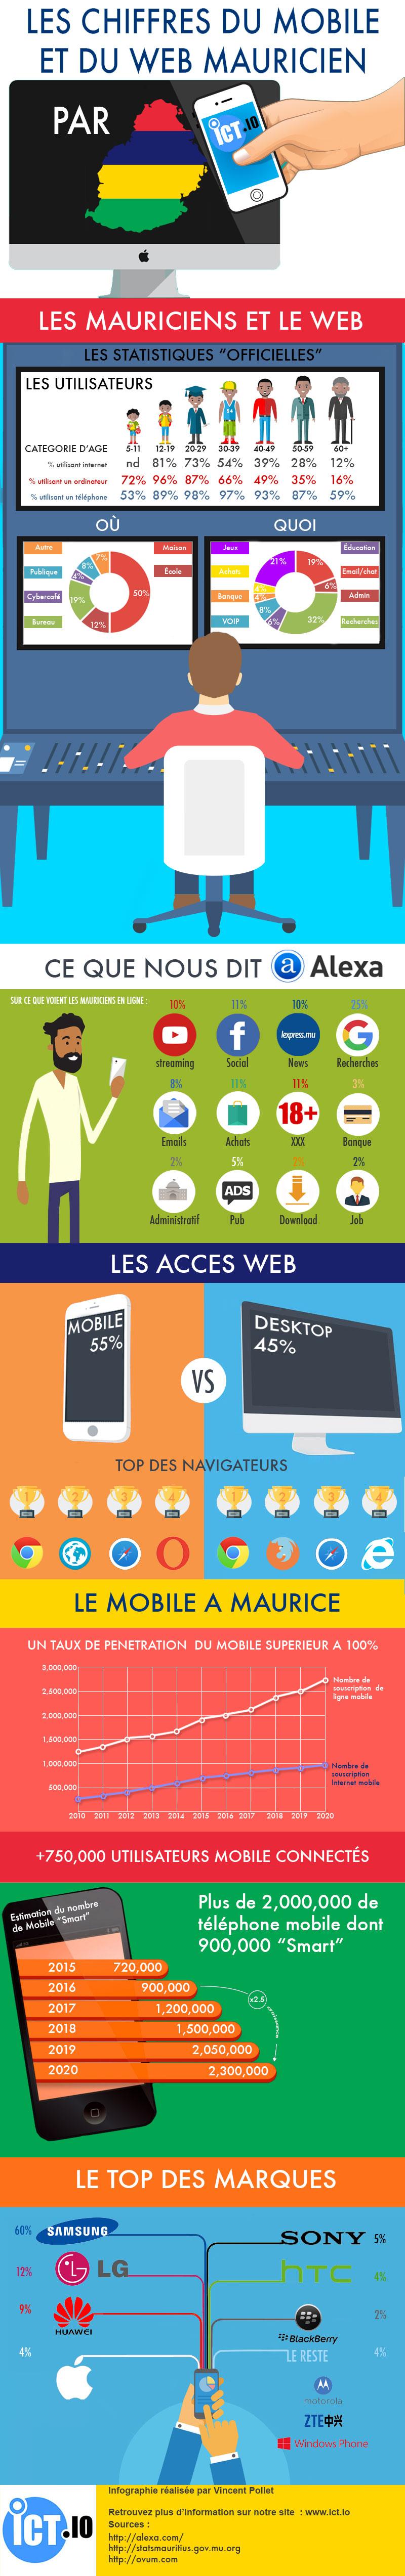 Infographie les chiffres du web et du mobile Mauricien